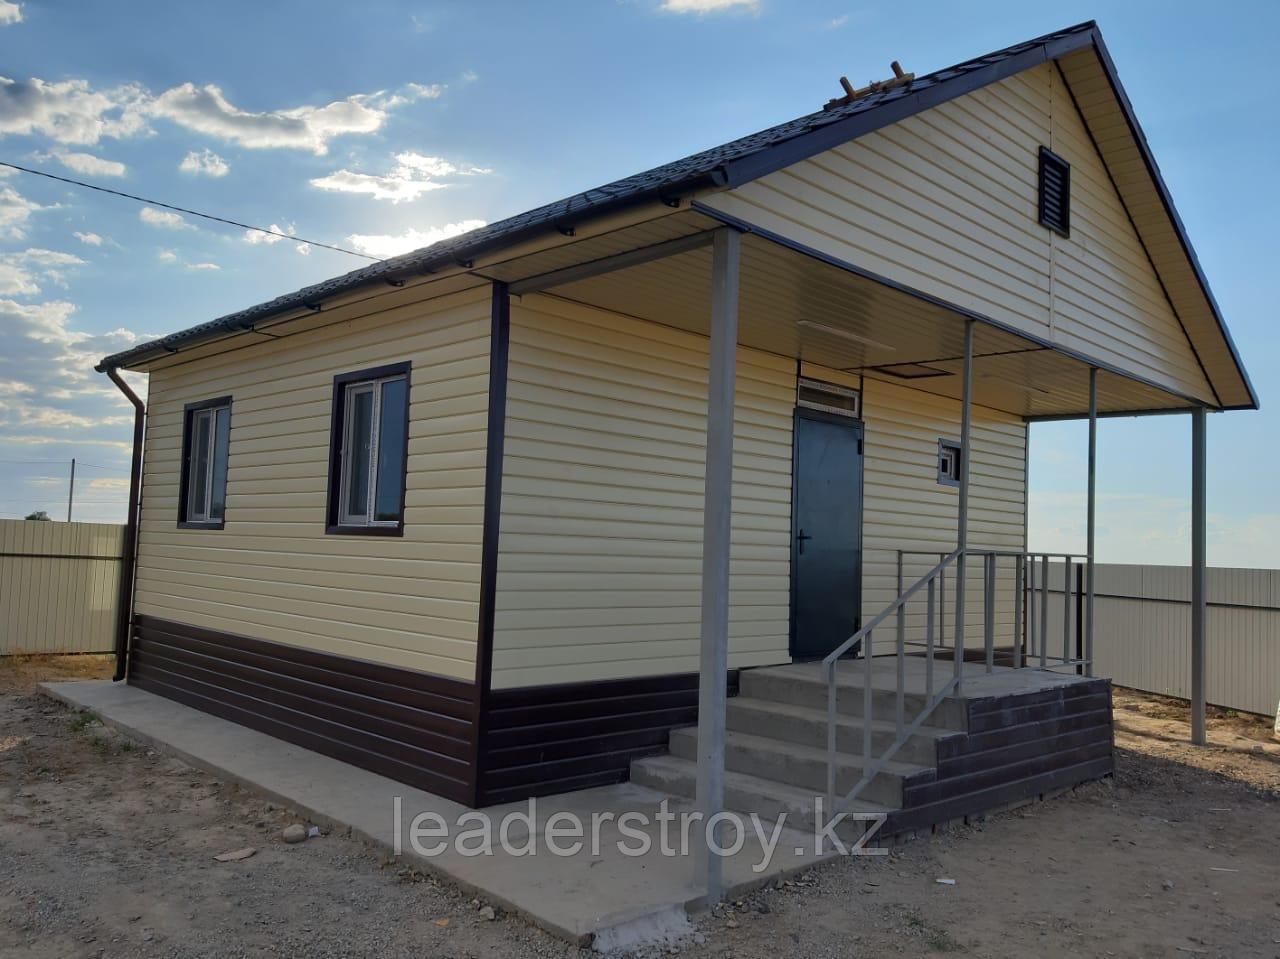 Жилой дом из трех 20 футовых контейнеров